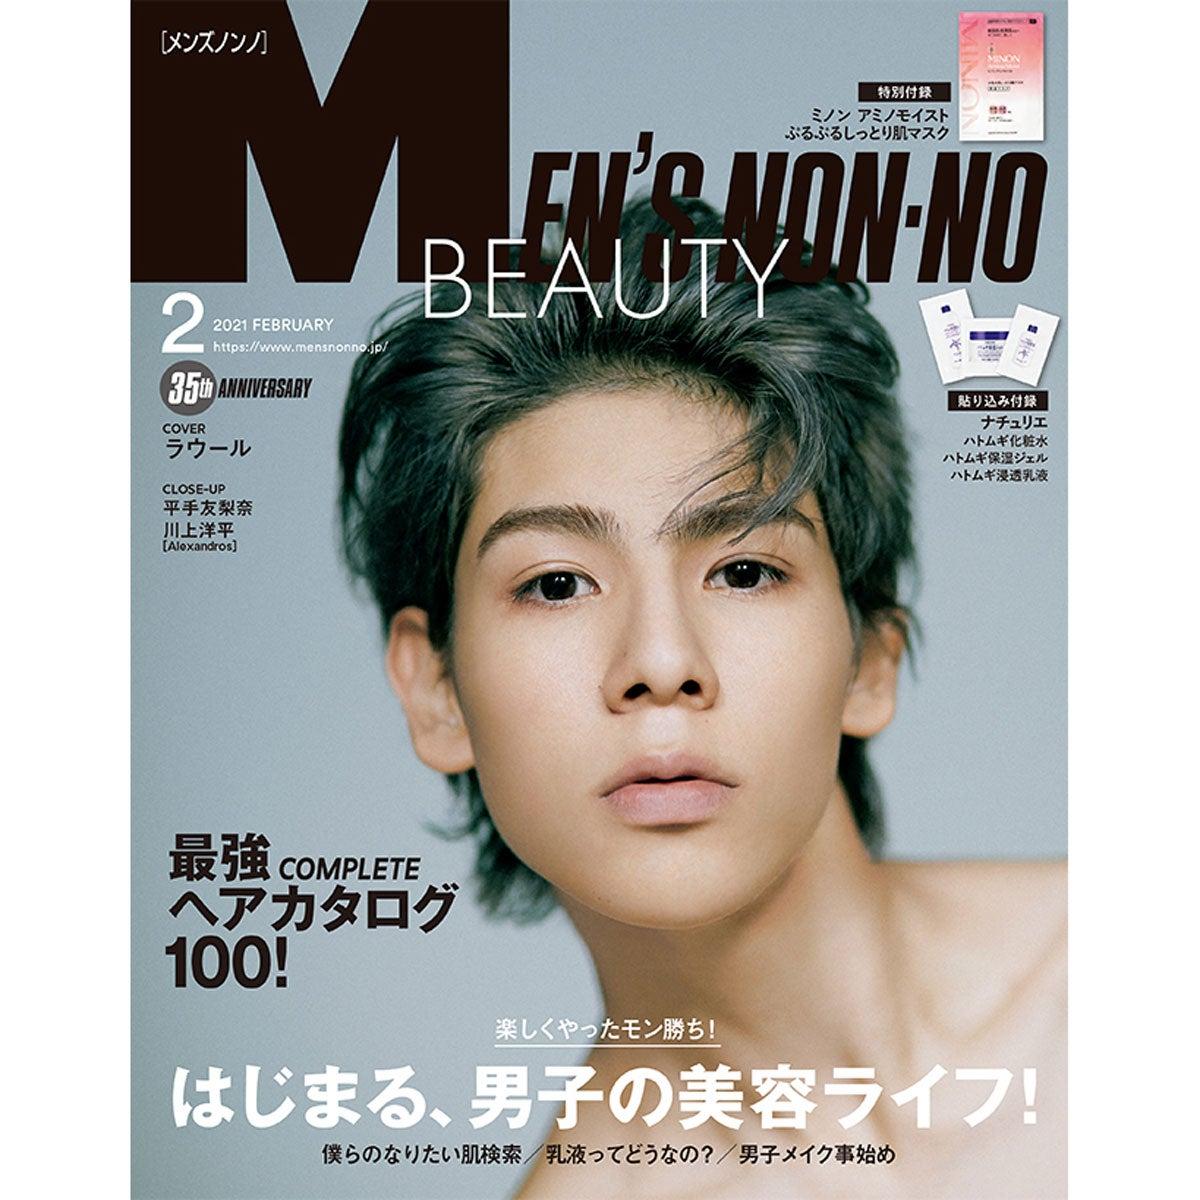 メンズノンノ2月号は、丸ごと1冊「男子美容大特集」! 表紙はラウール